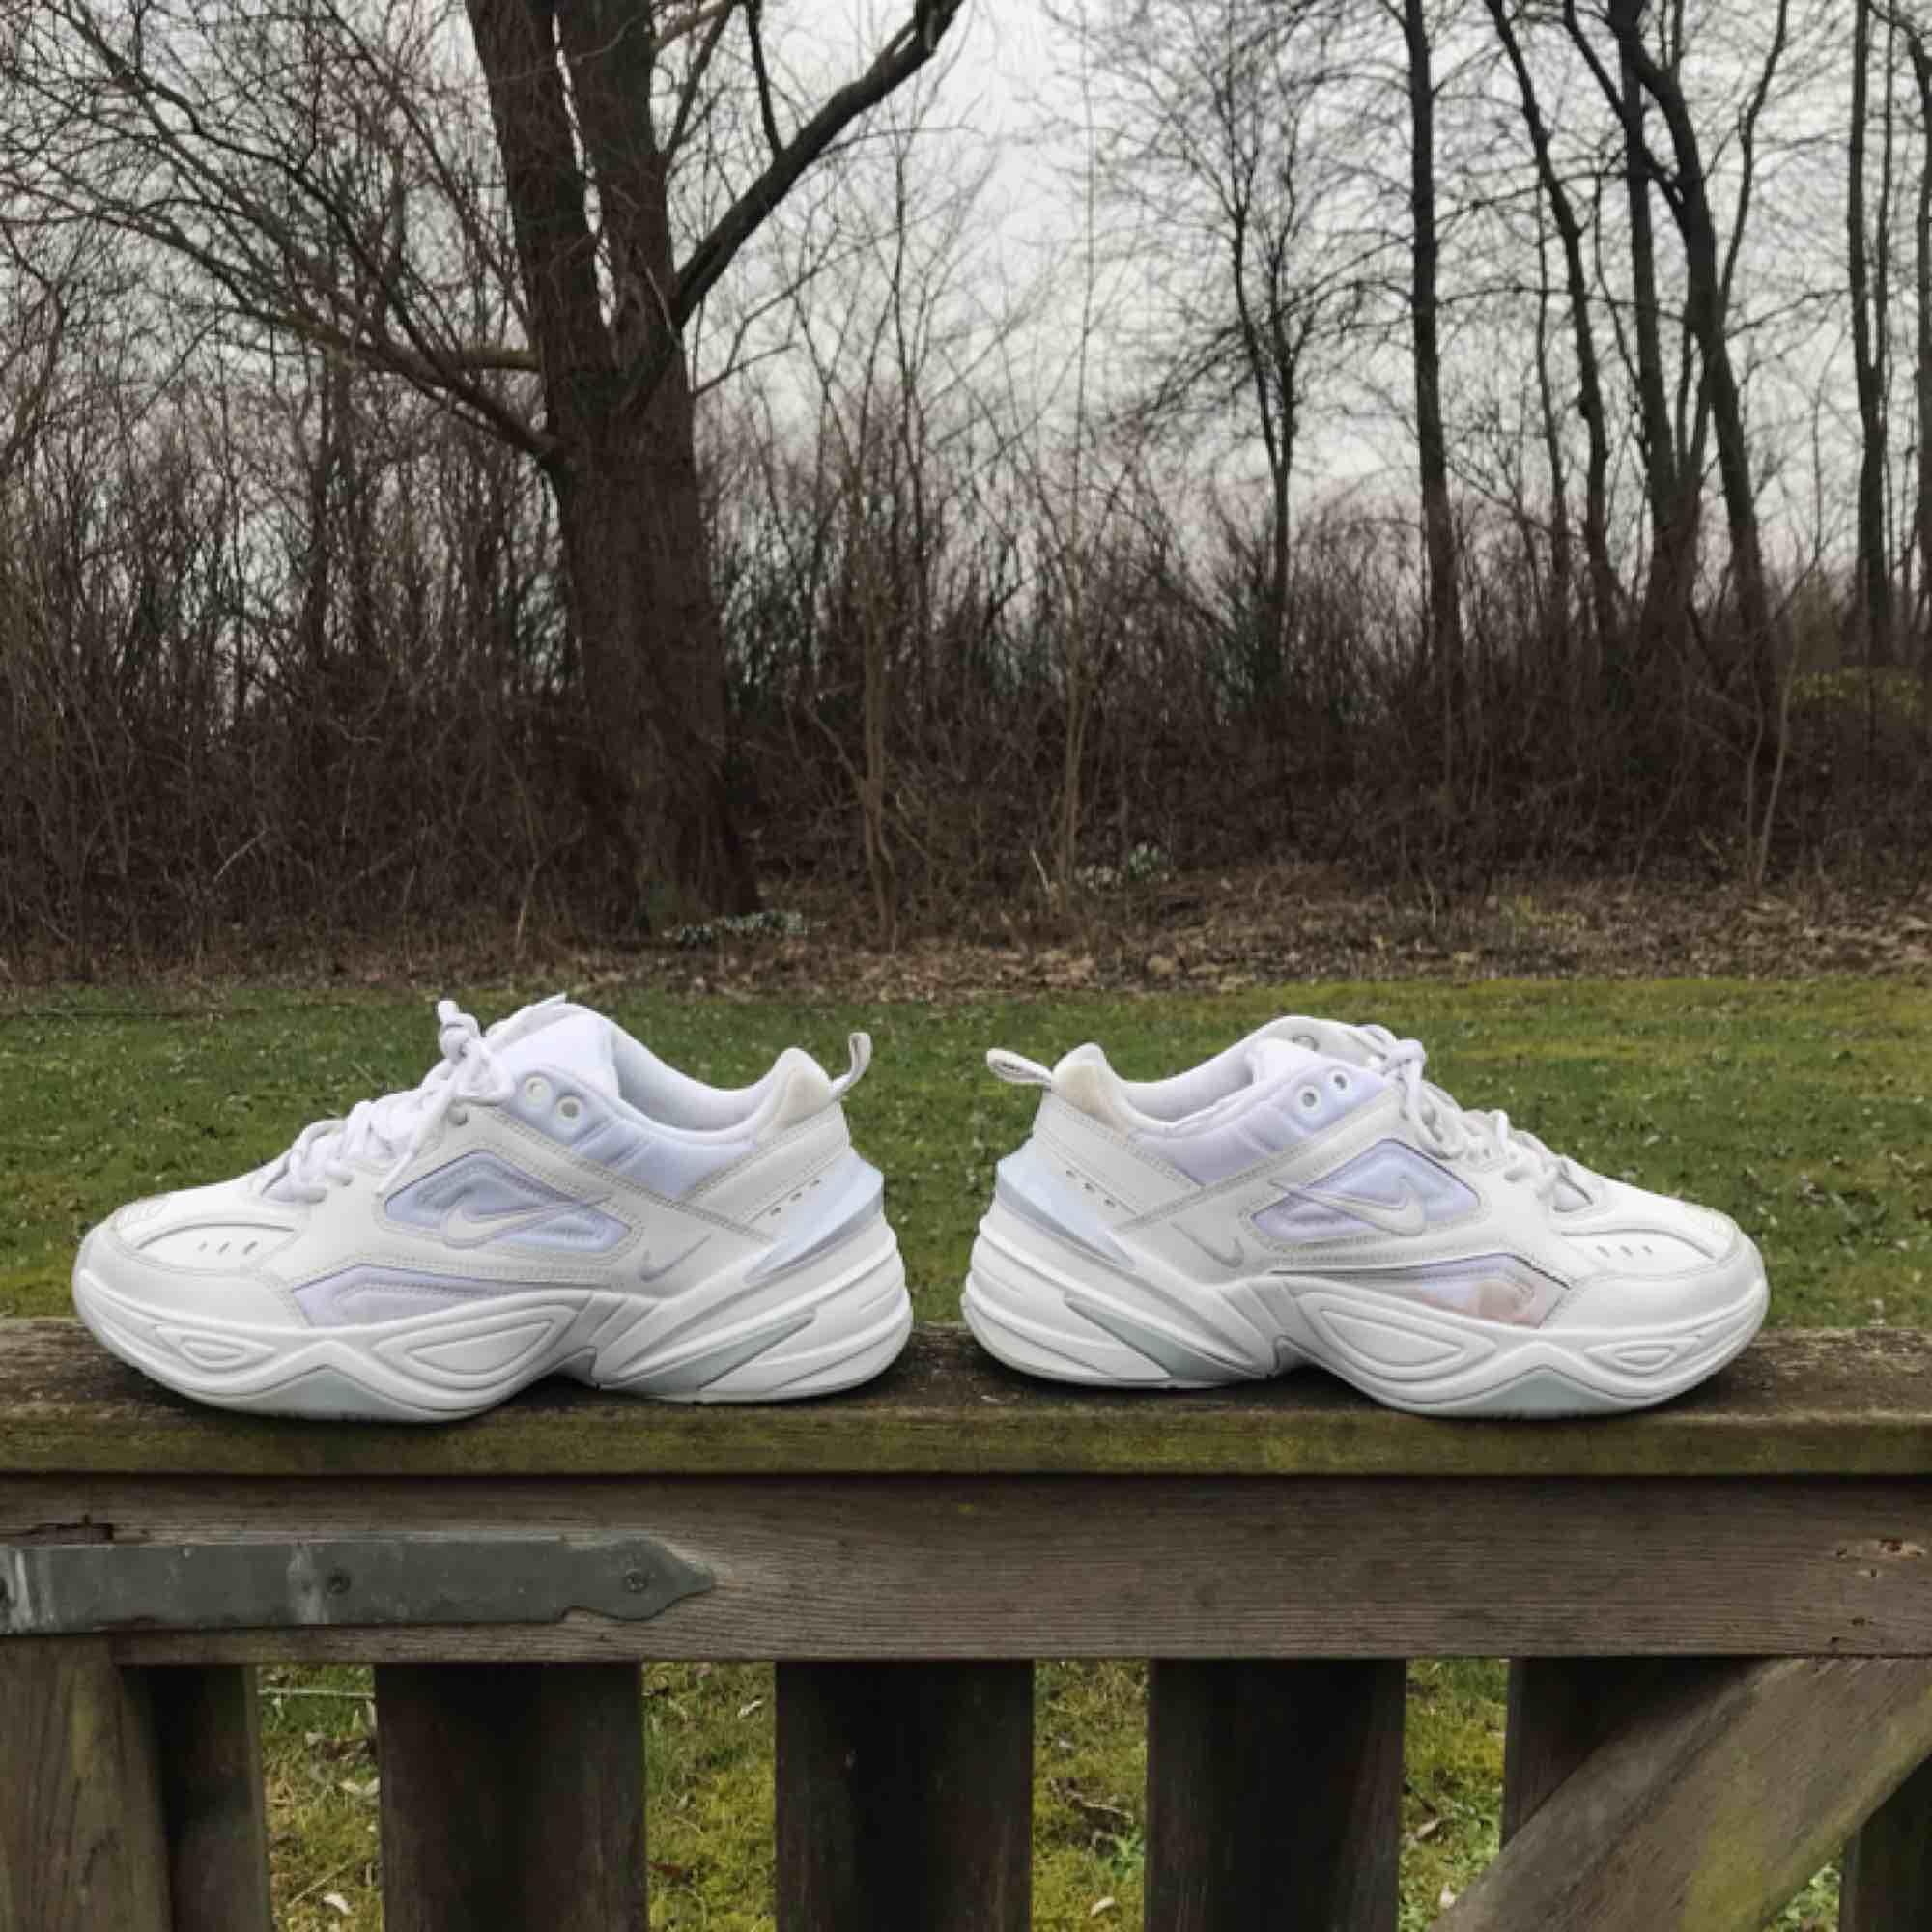 Nike M2K Tekno! Har vanligtvis 38 och passar mig bra! Lite missfärgningar här och där men slänger gärna in skorna i tvätten en omgång innan de säljs om det önskas. I övrigt väldigt fräscha och i gott skick.. Skor.